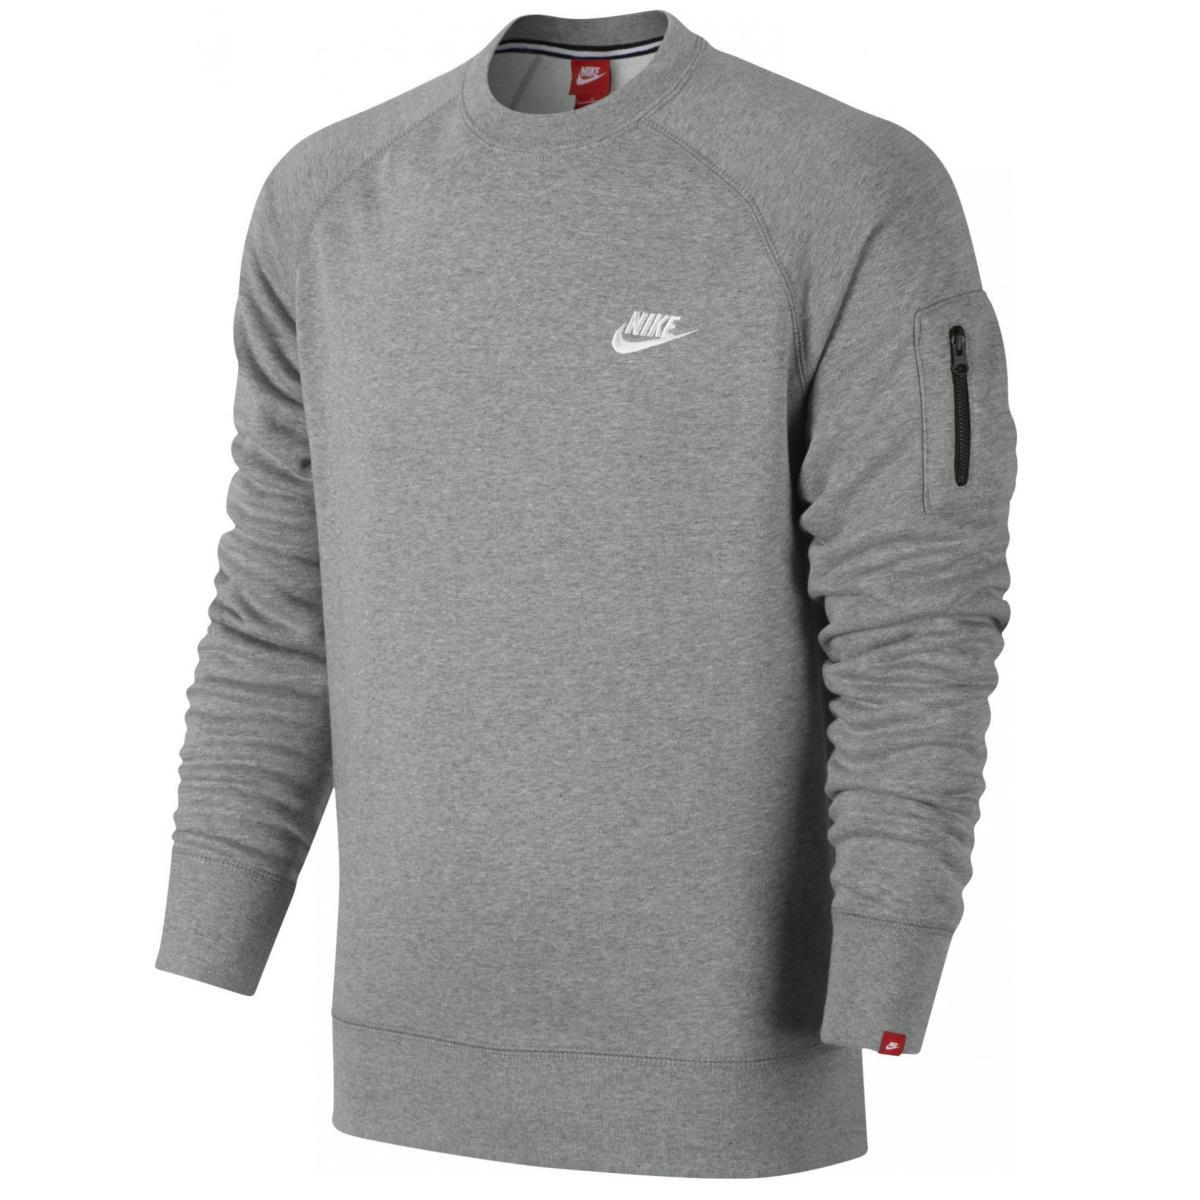 nike ace fleece crew herren pullover sweatshirt ebay. Black Bedroom Furniture Sets. Home Design Ideas